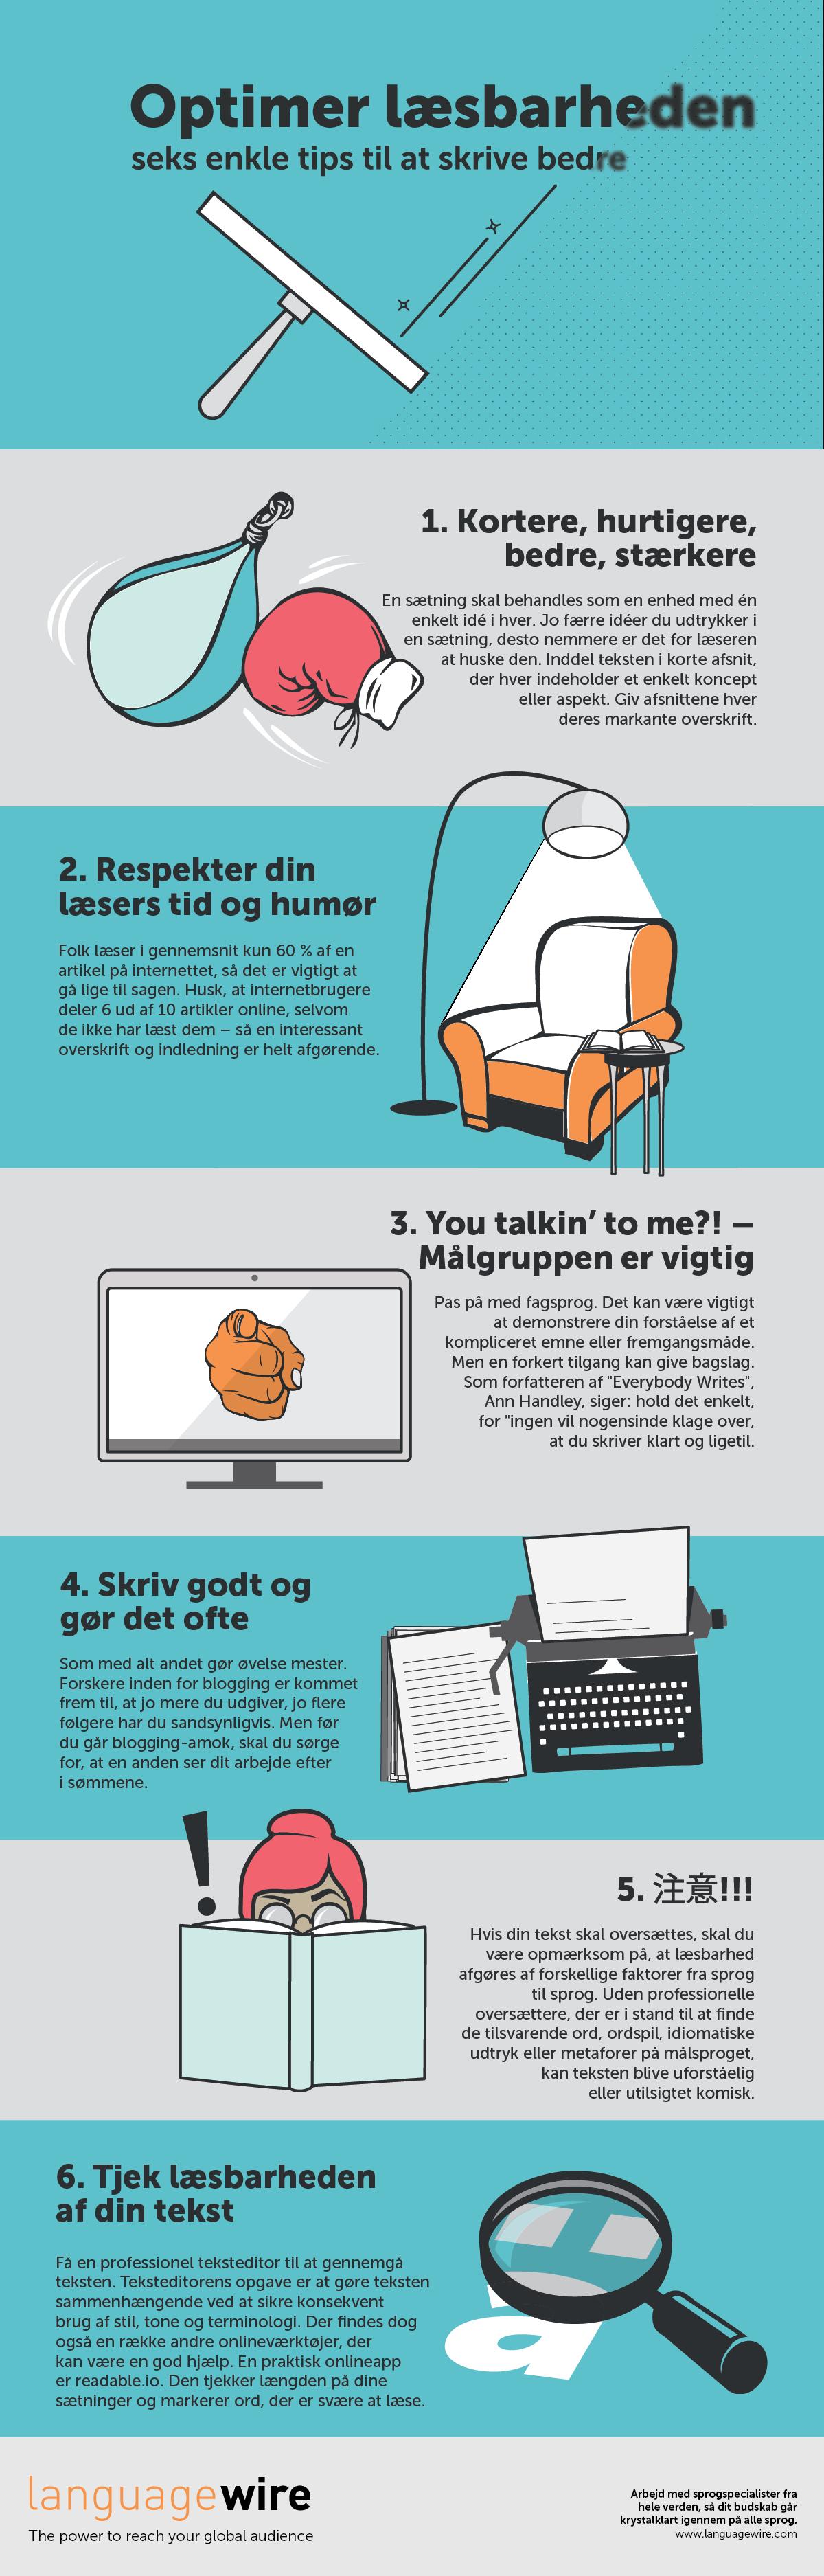 Optimer læsbarheden 6 enkle tips til at skrive bedre